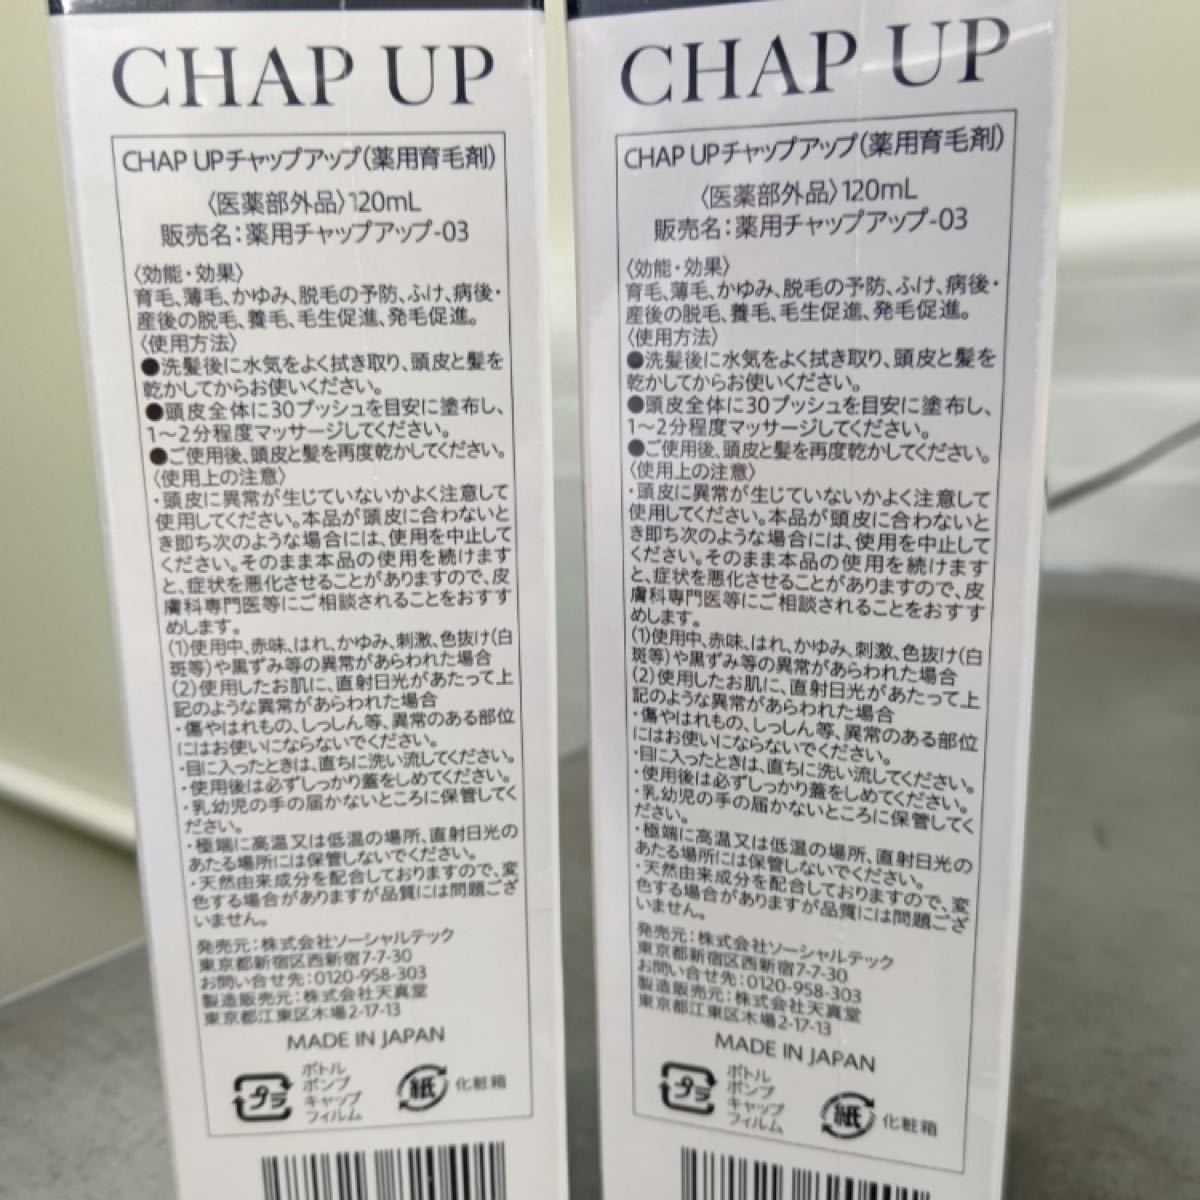 チャップアップ CHAP 育毛剤 薬用 チャップアップ育毛剤 ローション